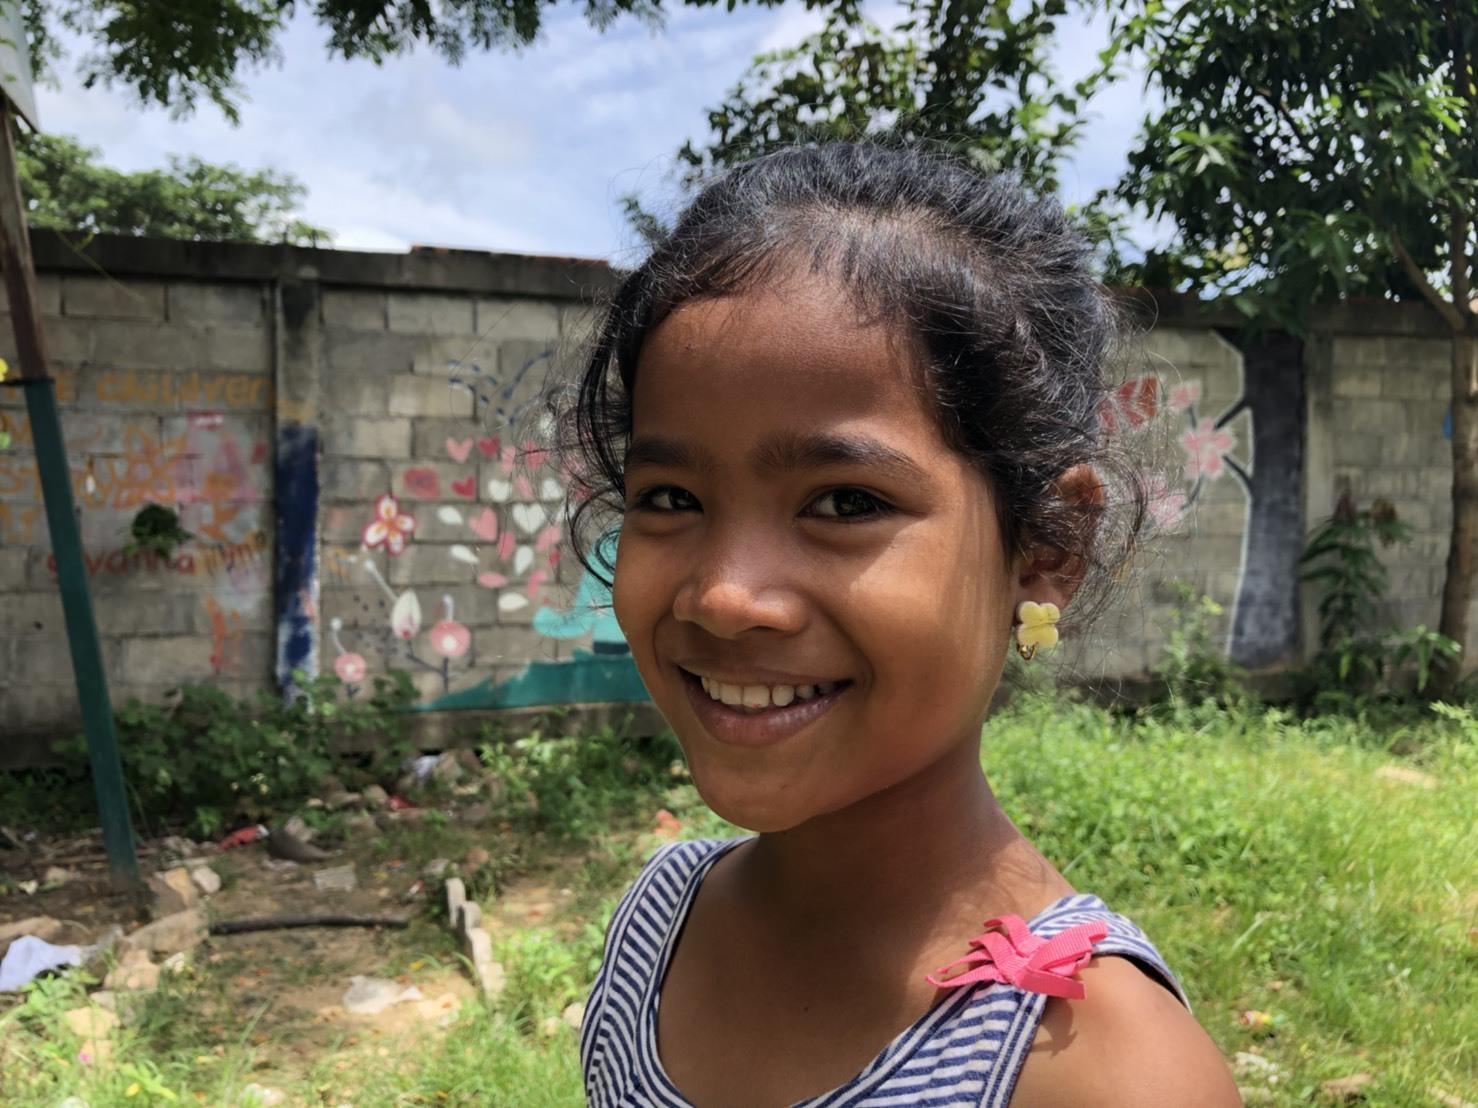 カンボジアの子供たち×美濃焼タイルアクセサリーpopoloコラボイヤリング